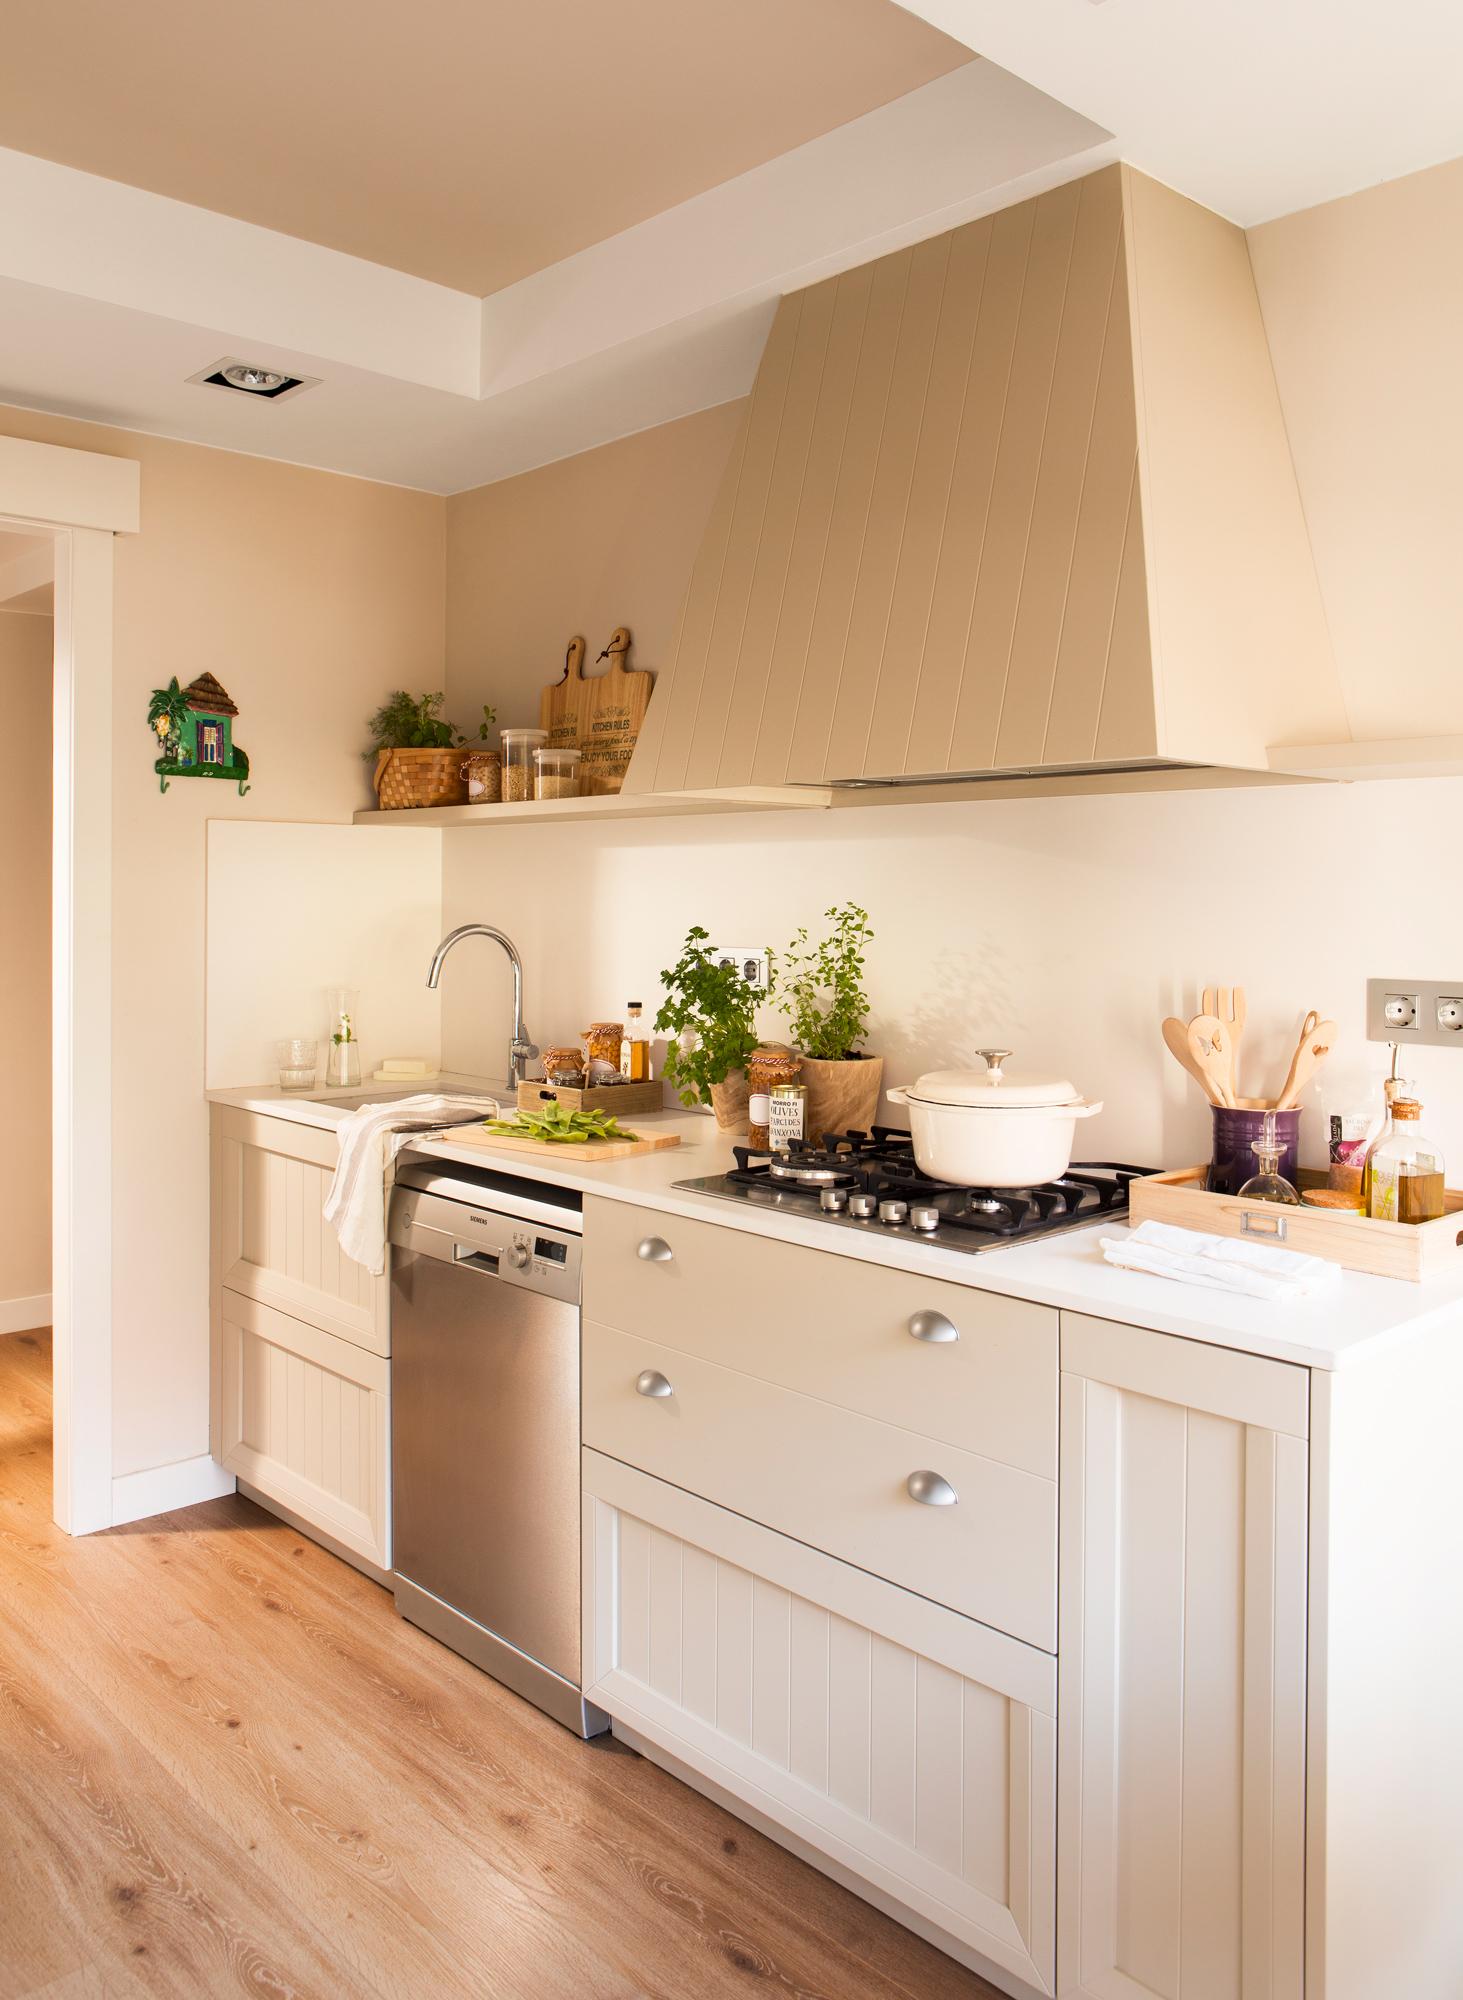 Una cocina peque a con mucho orden y un office for Imagenes de cocinas bonitas